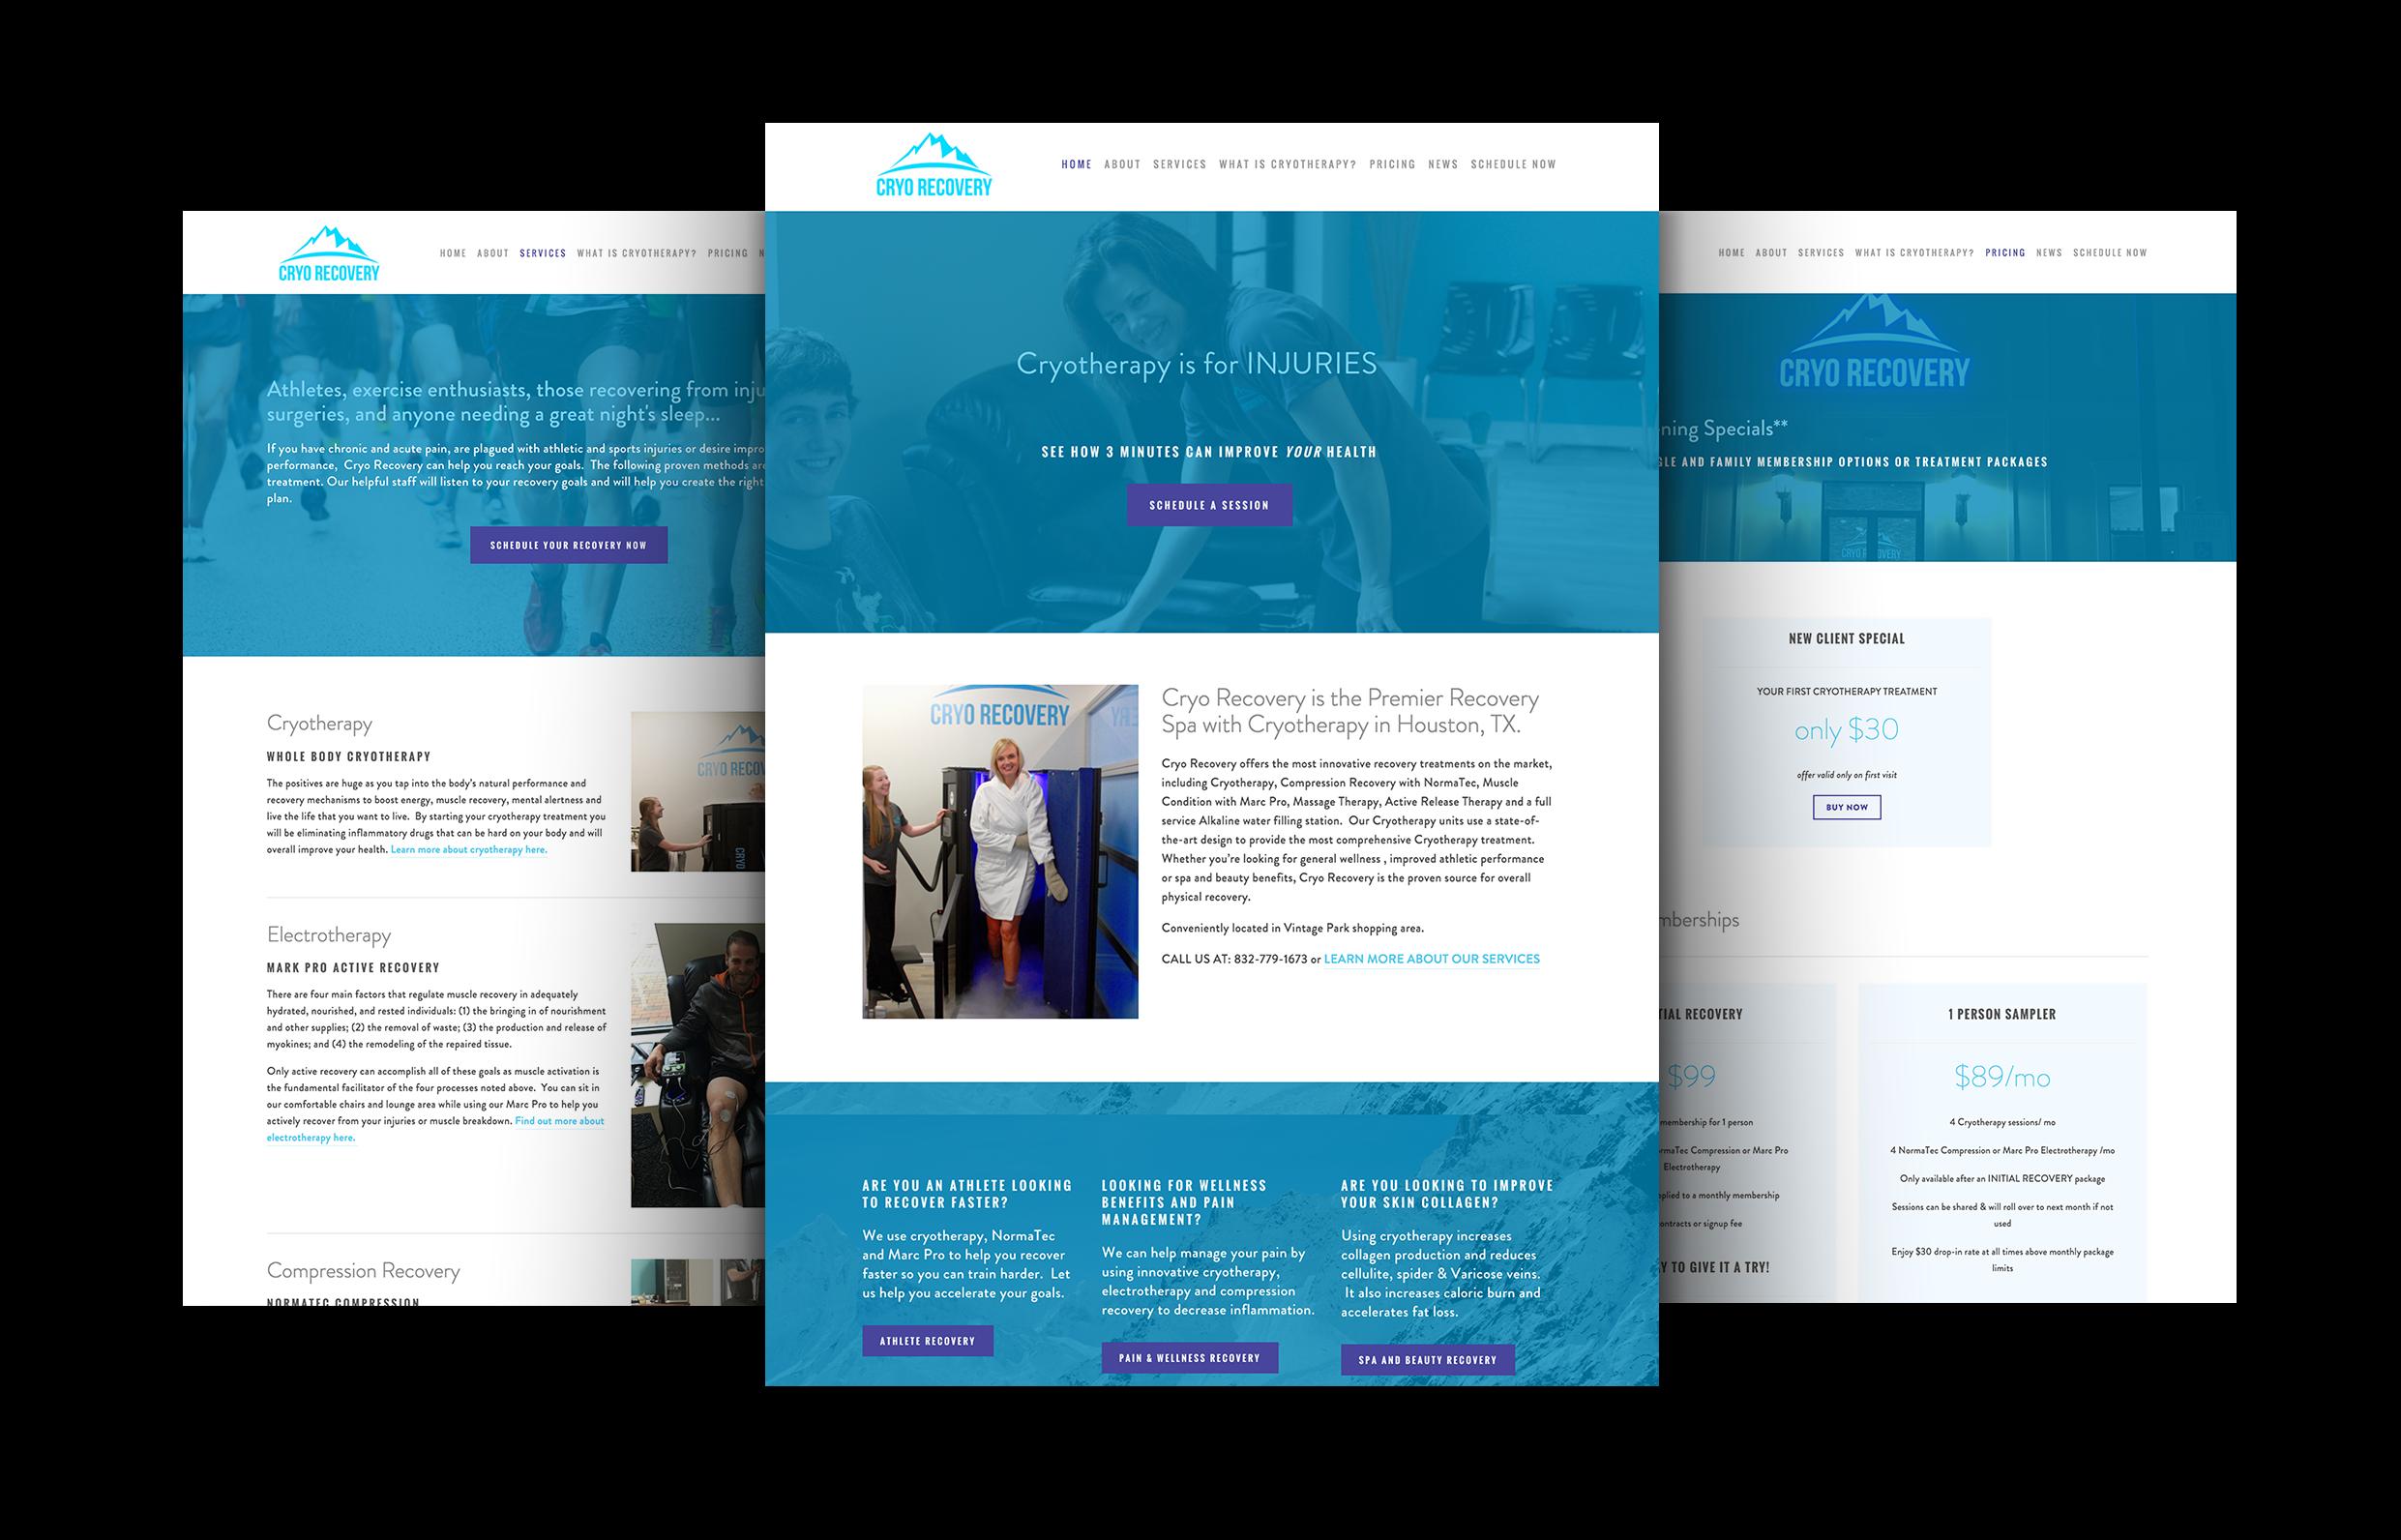 wellness spa website design | Cryo Recovery website